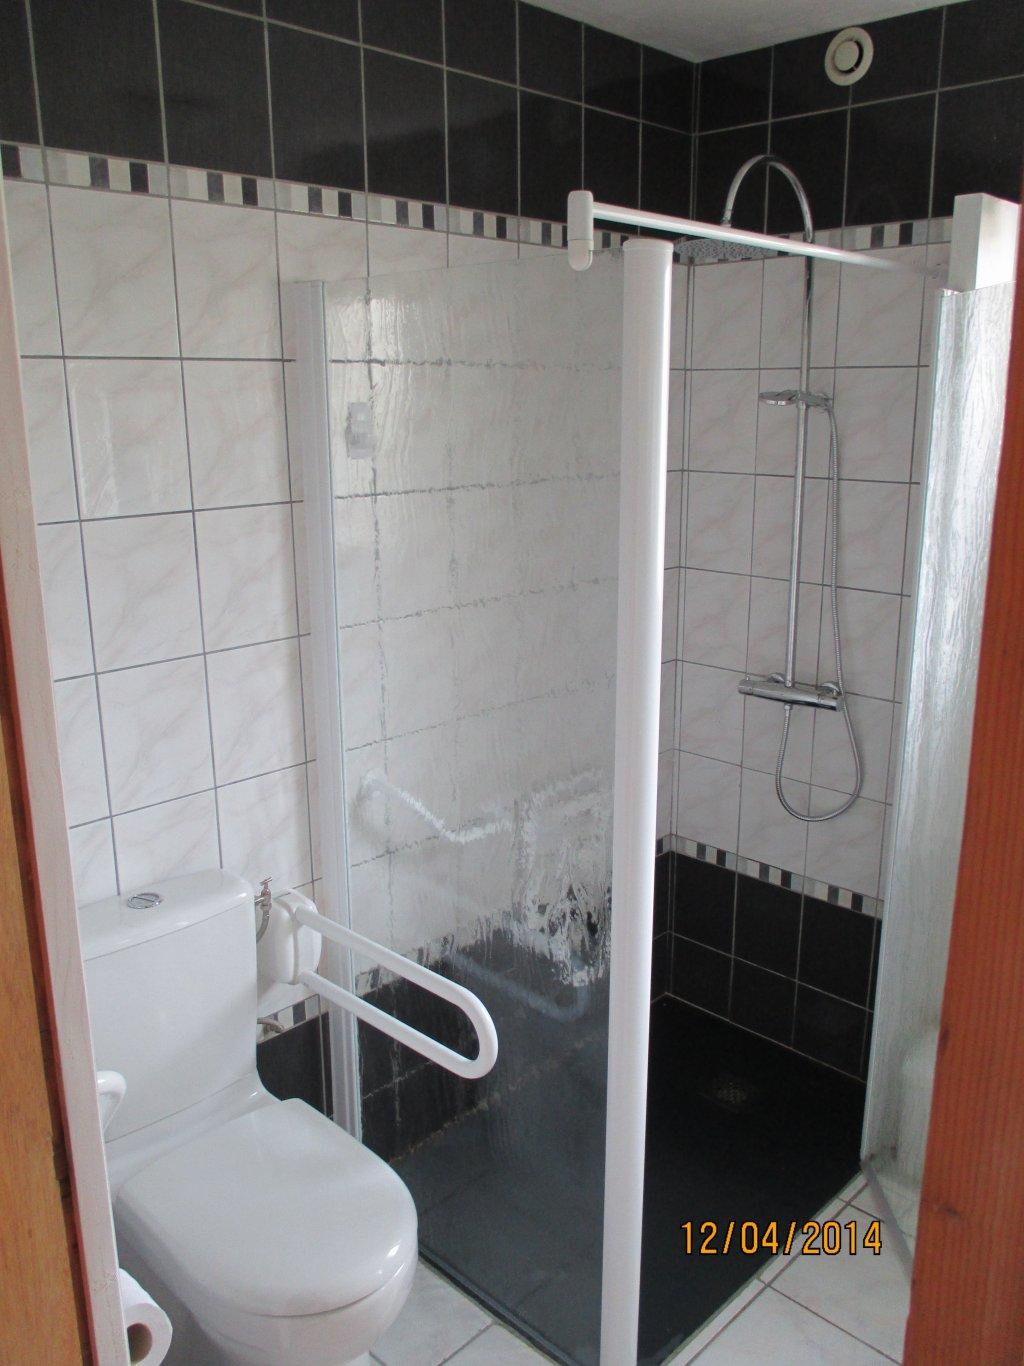 maison vacances plestin les gr ves location 4 personnes r my huet. Black Bedroom Furniture Sets. Home Design Ideas